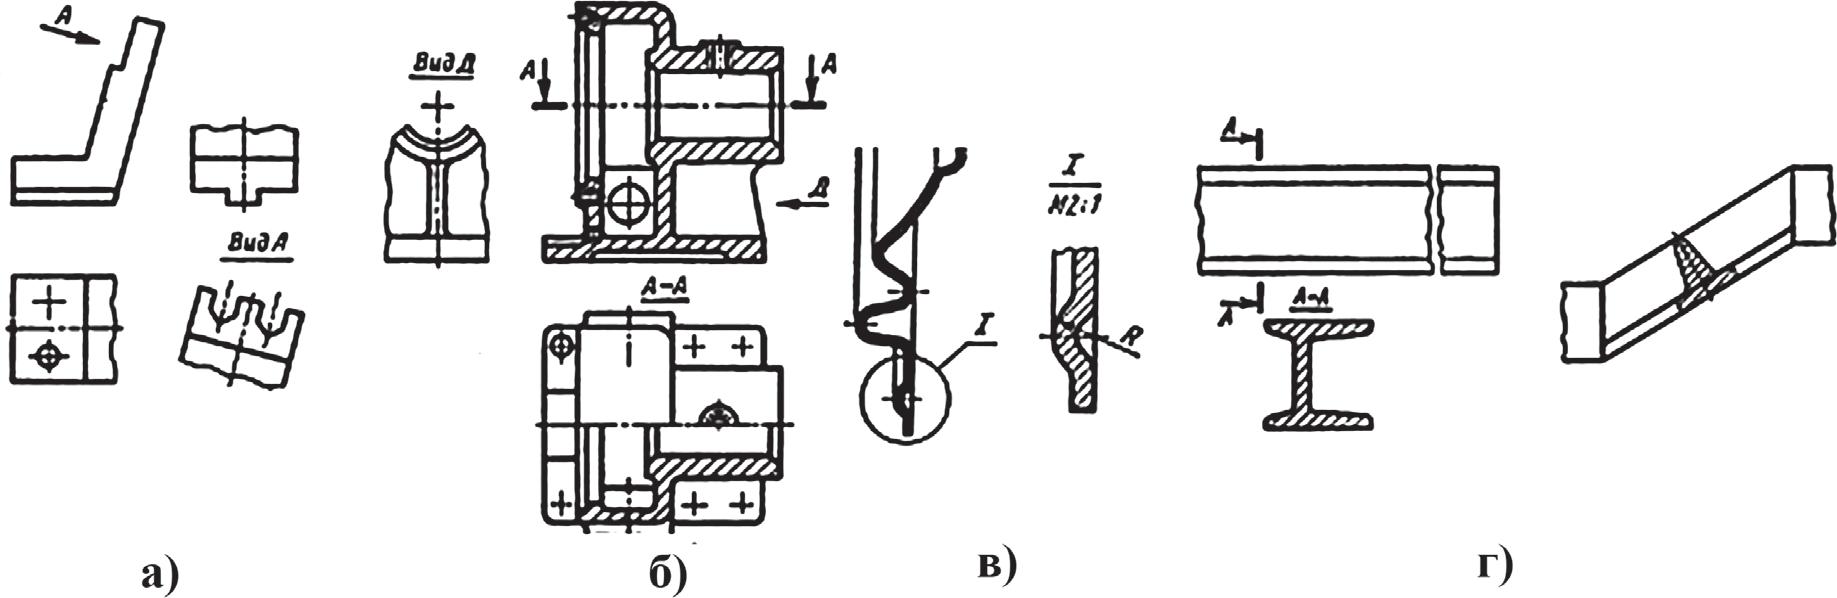 Изображения на чертежах: а - дополнительный вид; б - местный вид и разрез; в - выносной элемент; г - сечения